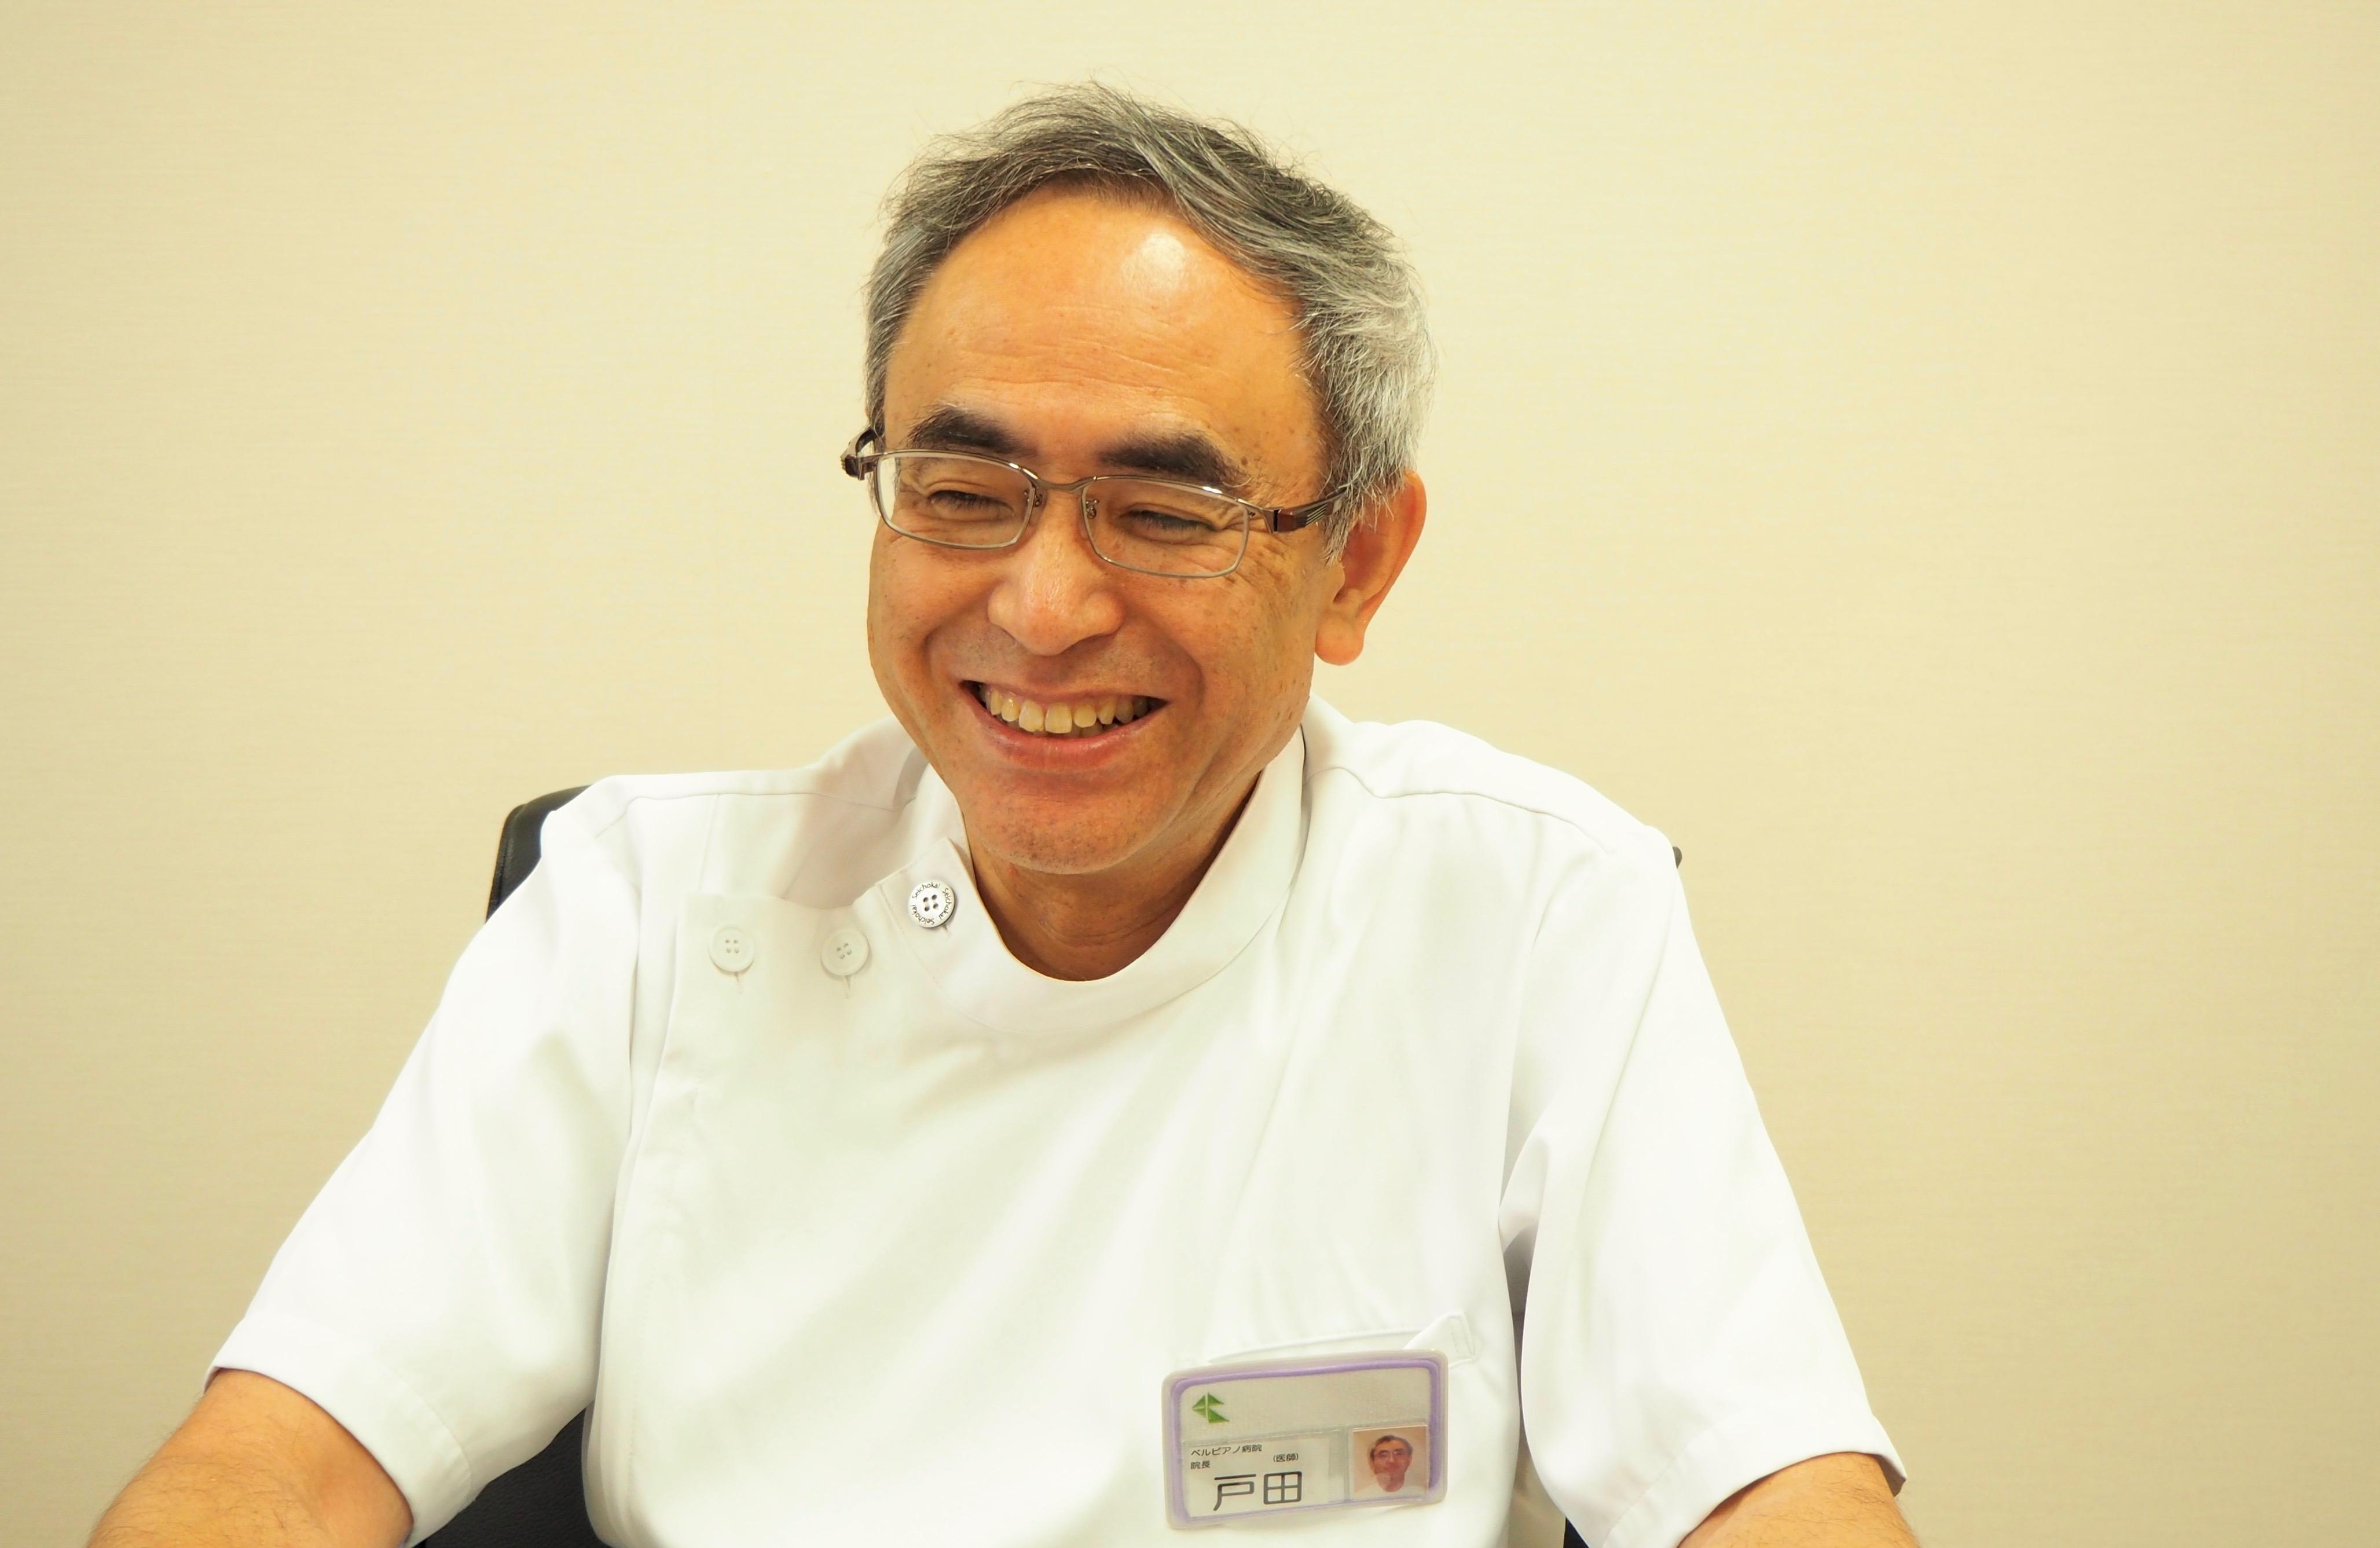 「ときどき入院、ほぼ在宅」の実現を目指して−戸田爲久先生の思い